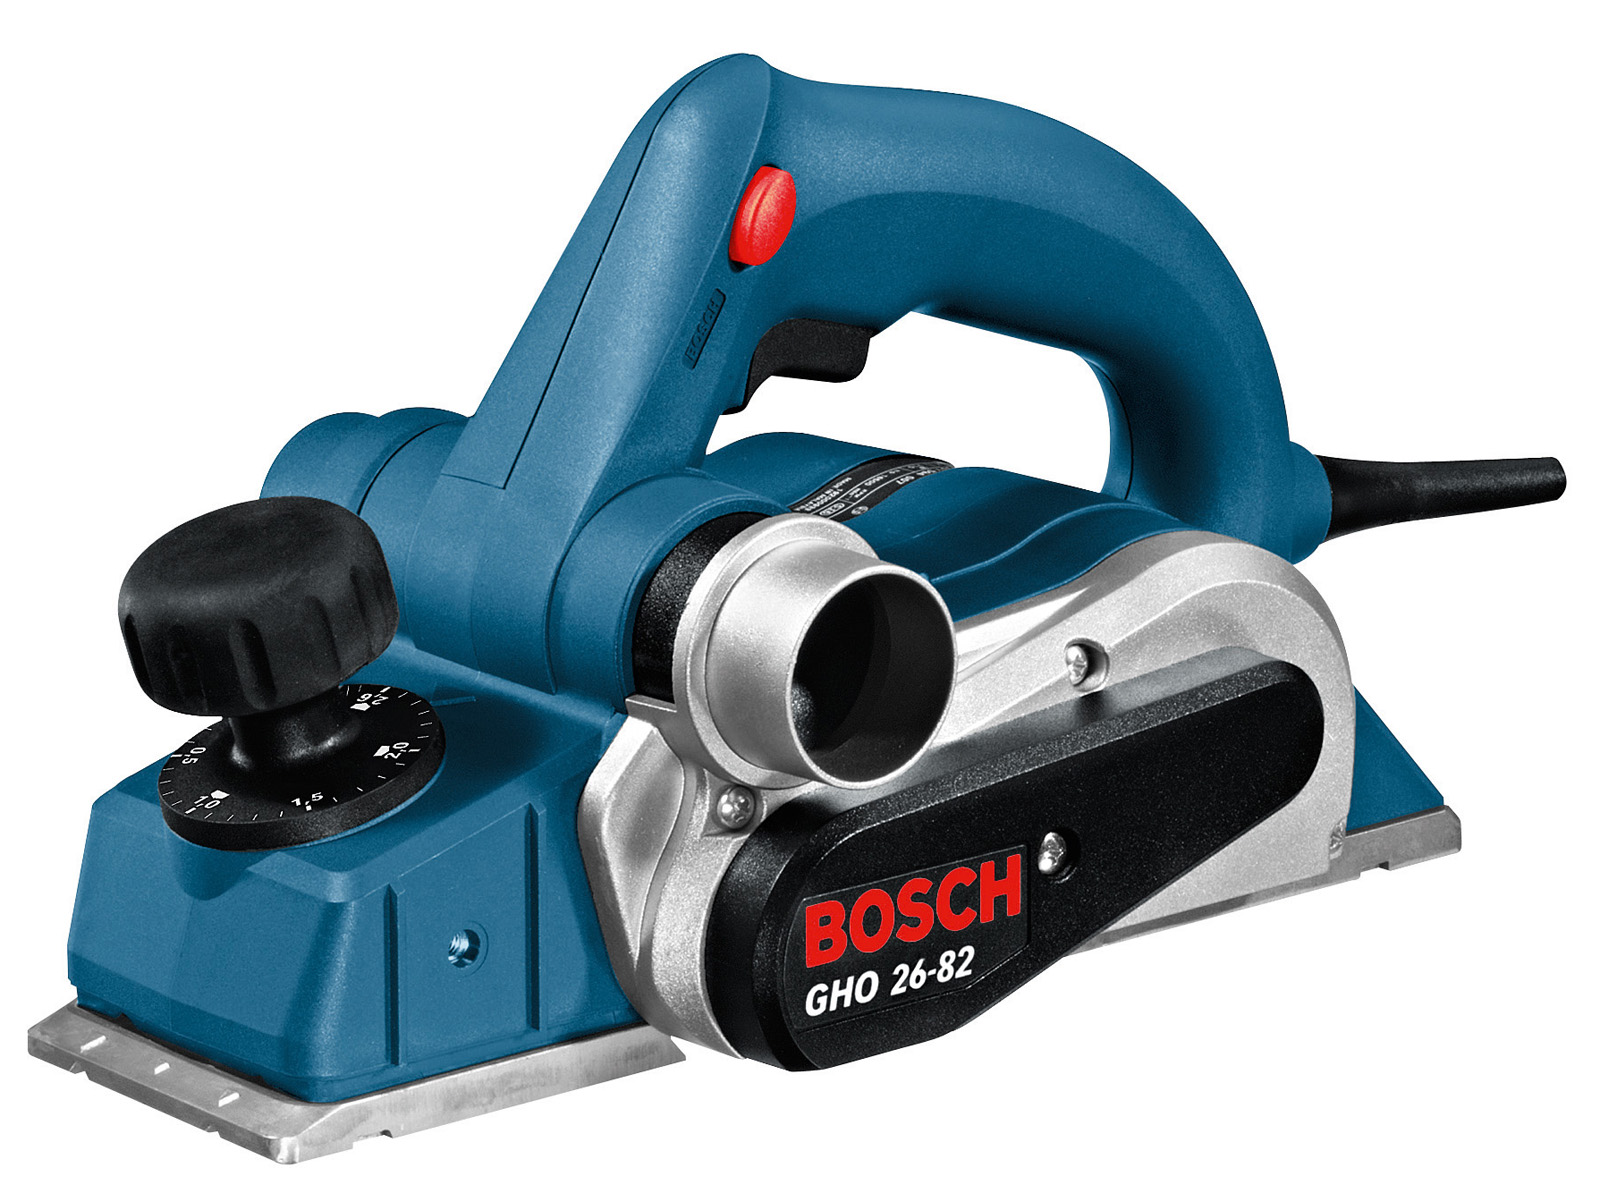 ������� Bosch Gho 26-82 (� �����)